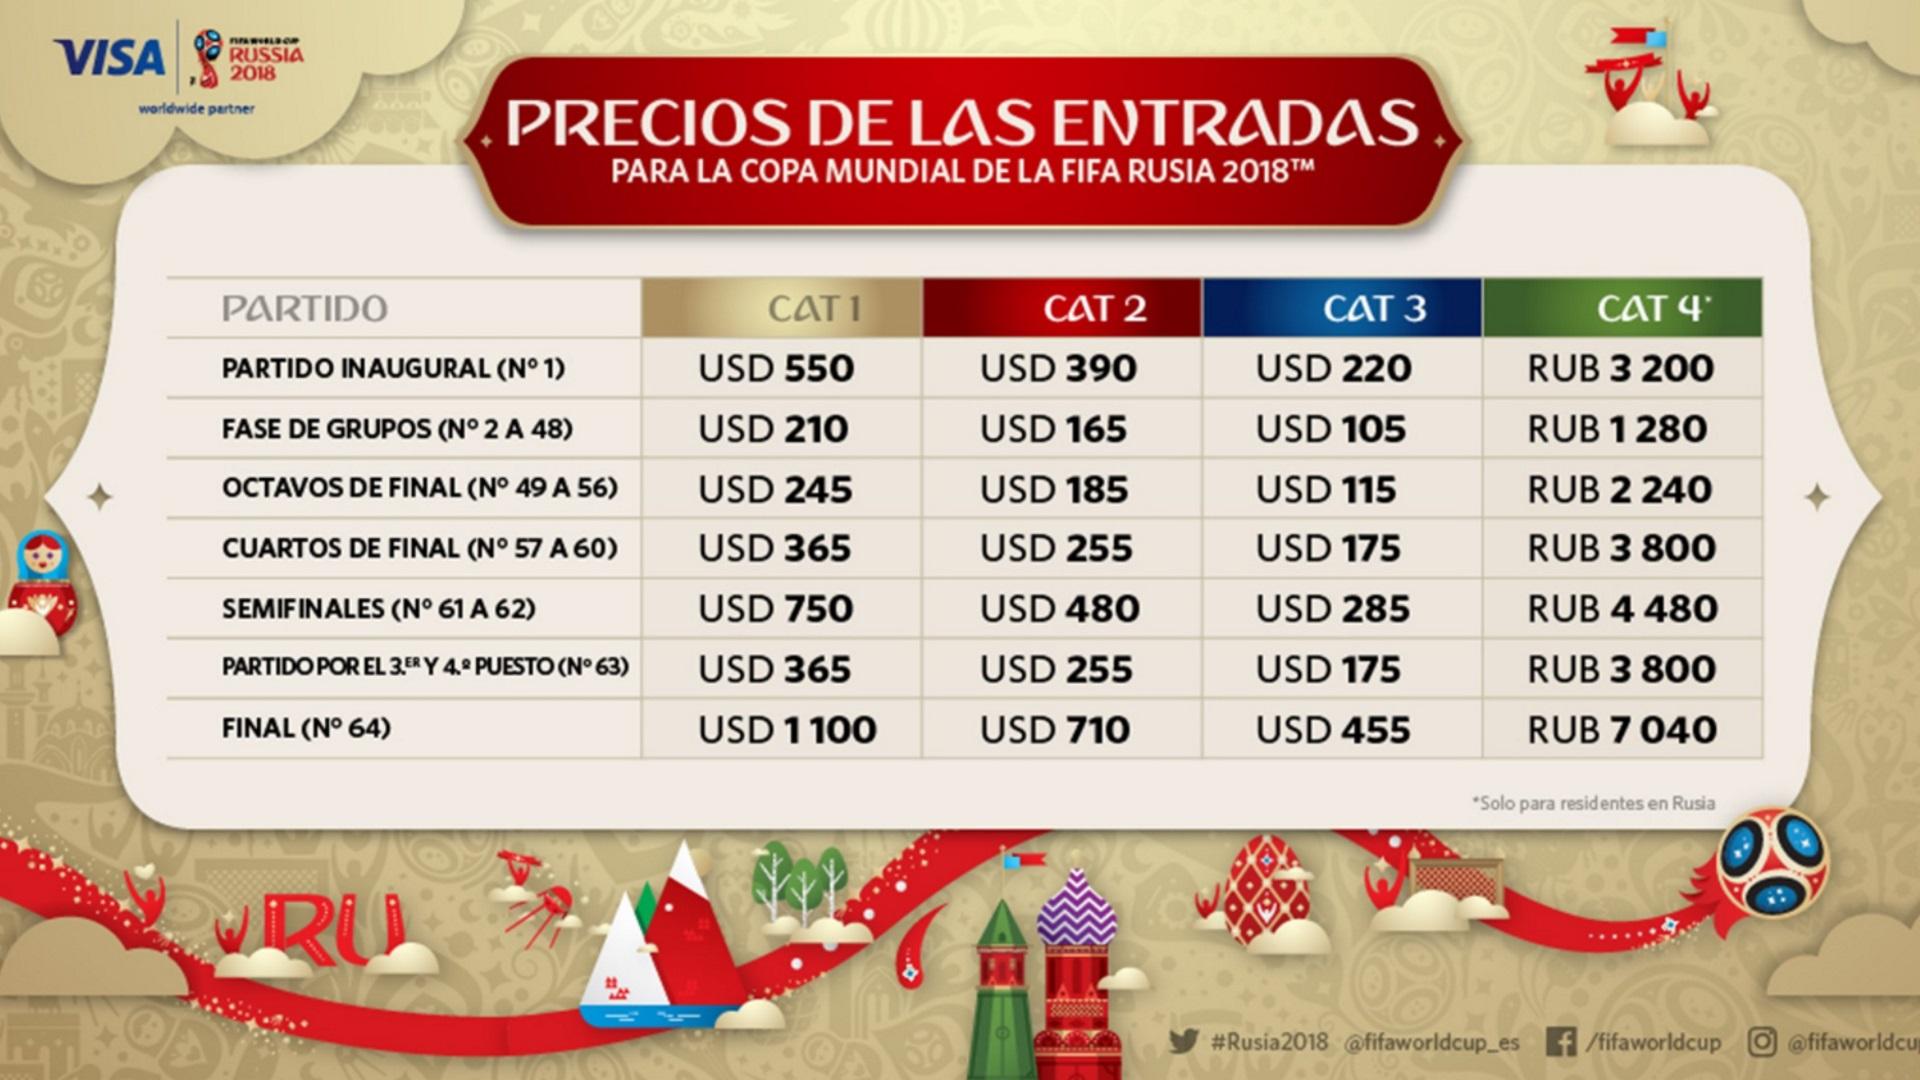 Los diferentes precios de los boletos